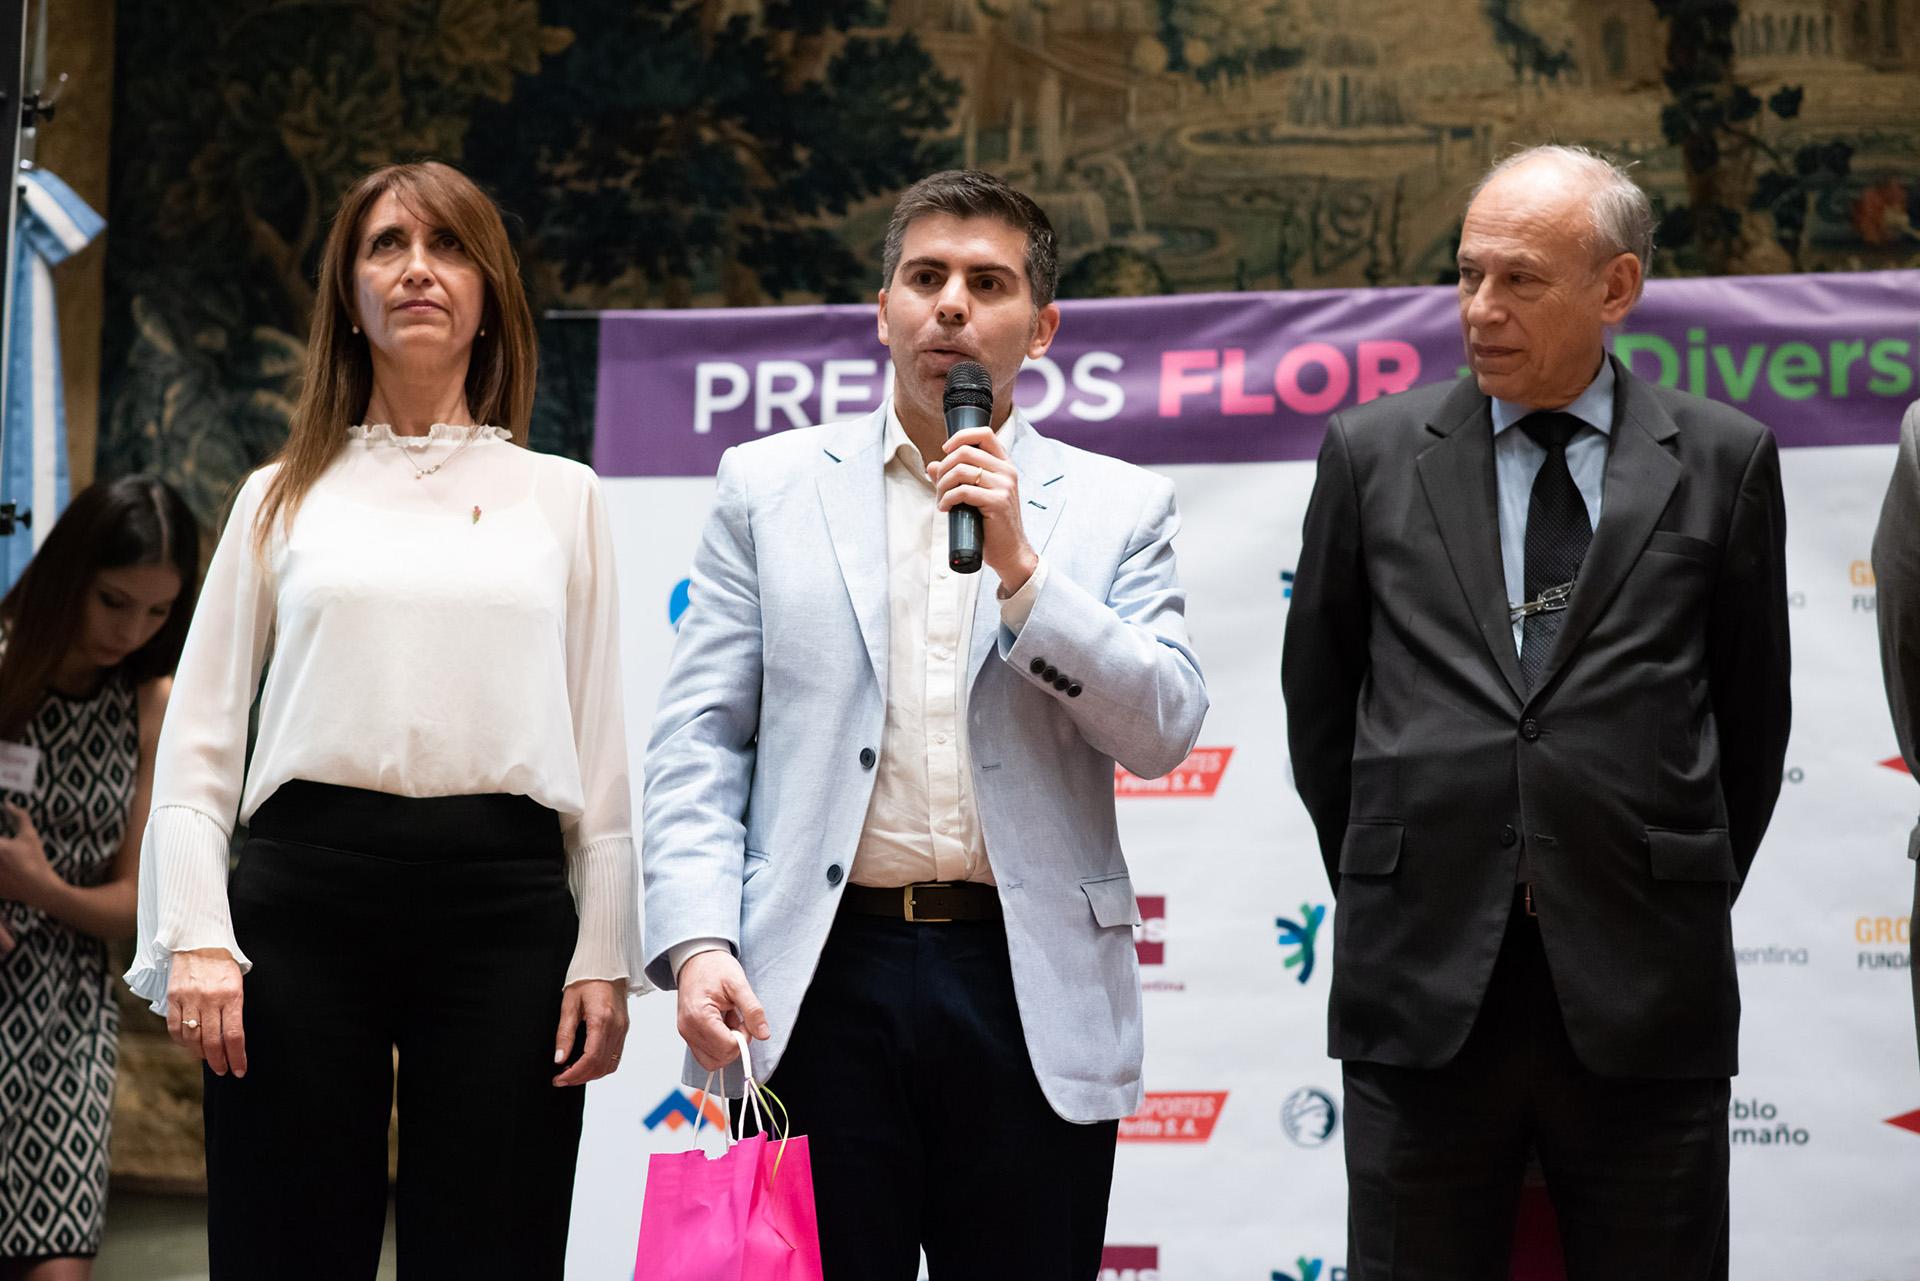 Liliana D'Anunzio, directora ejecutiva de Fundación FLOR, Lucas Utrera y Luis Ovsejevich, presidente de la Fundación Konex